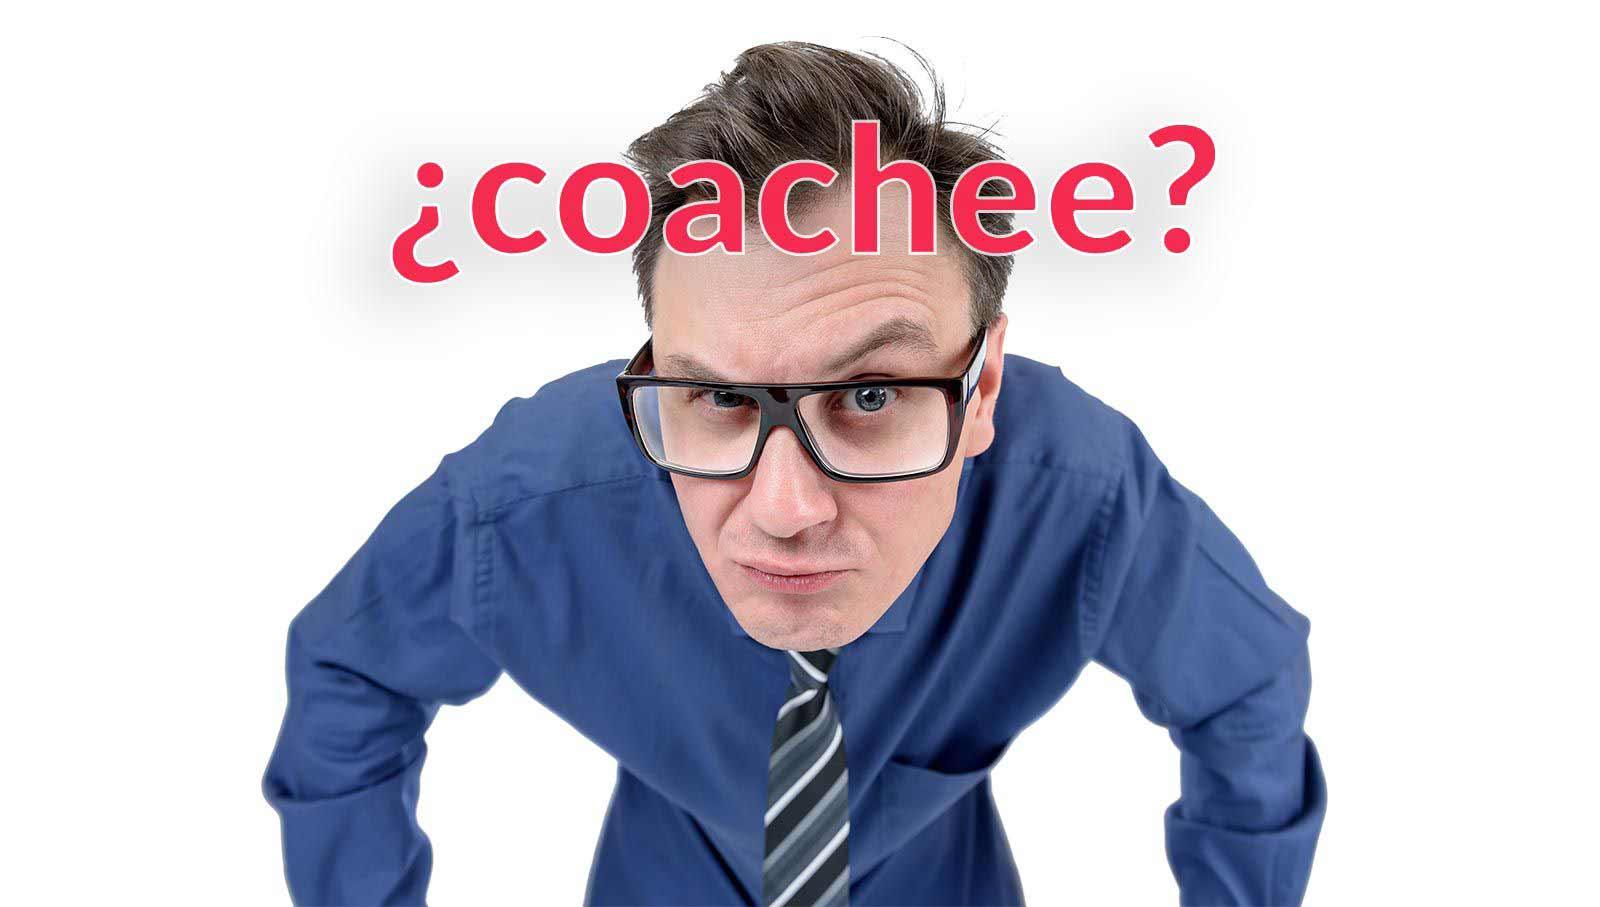 ¿Qué es un coachee?